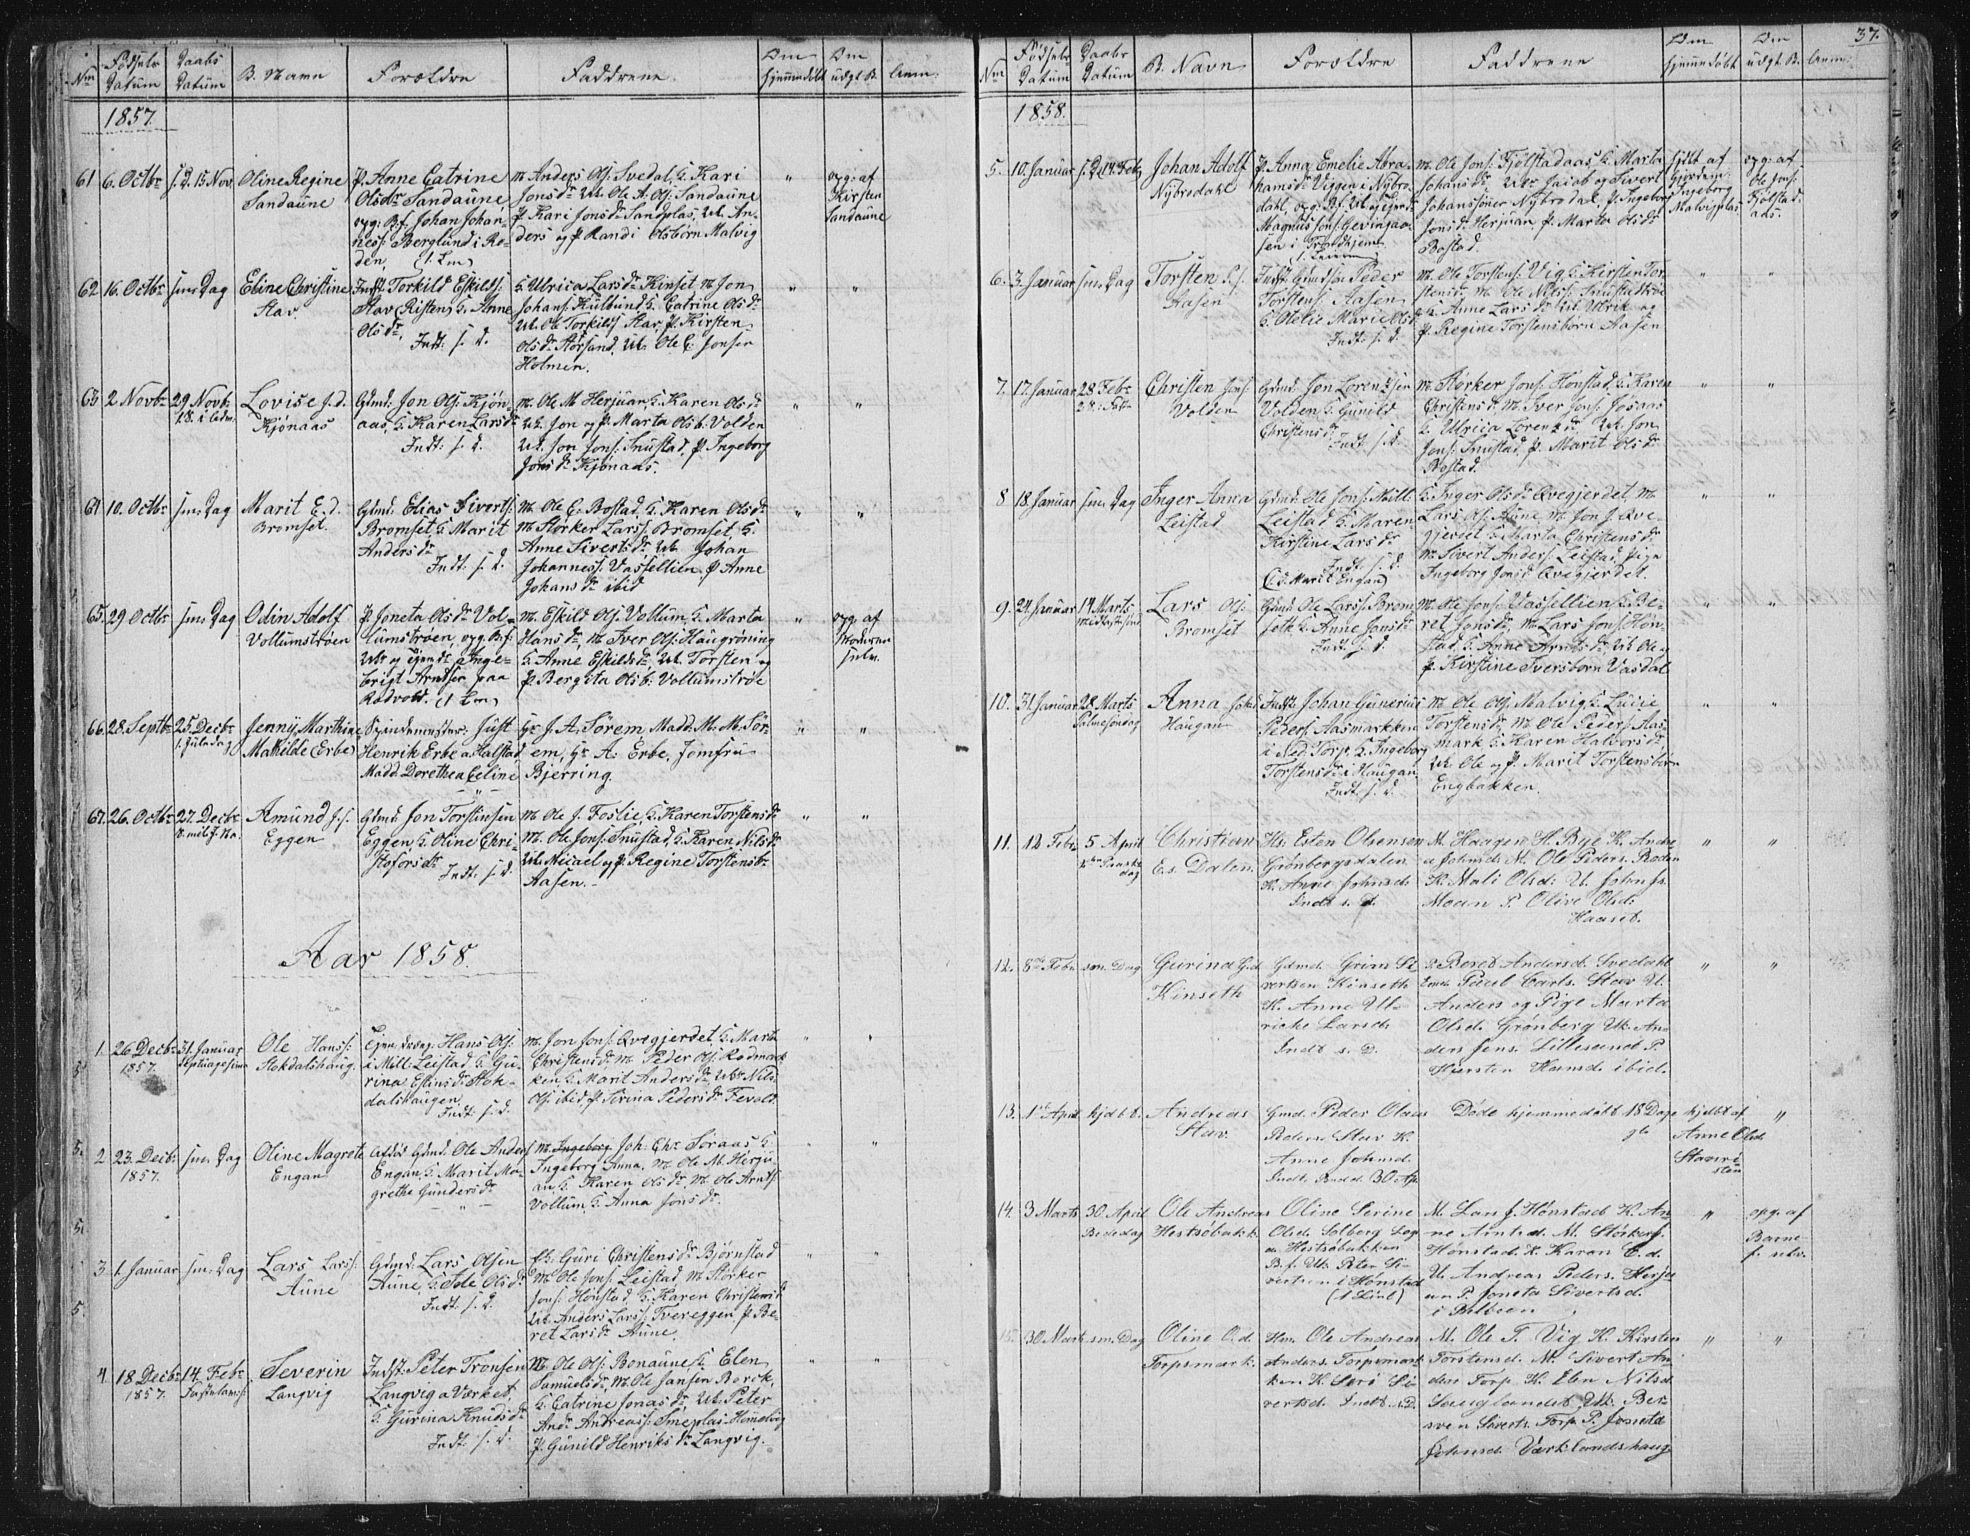 SAT, Ministerialprotokoller, klokkerbøker og fødselsregistre - Sør-Trøndelag, 616/L0406: Ministerialbok nr. 616A03, 1843-1879, s. 37